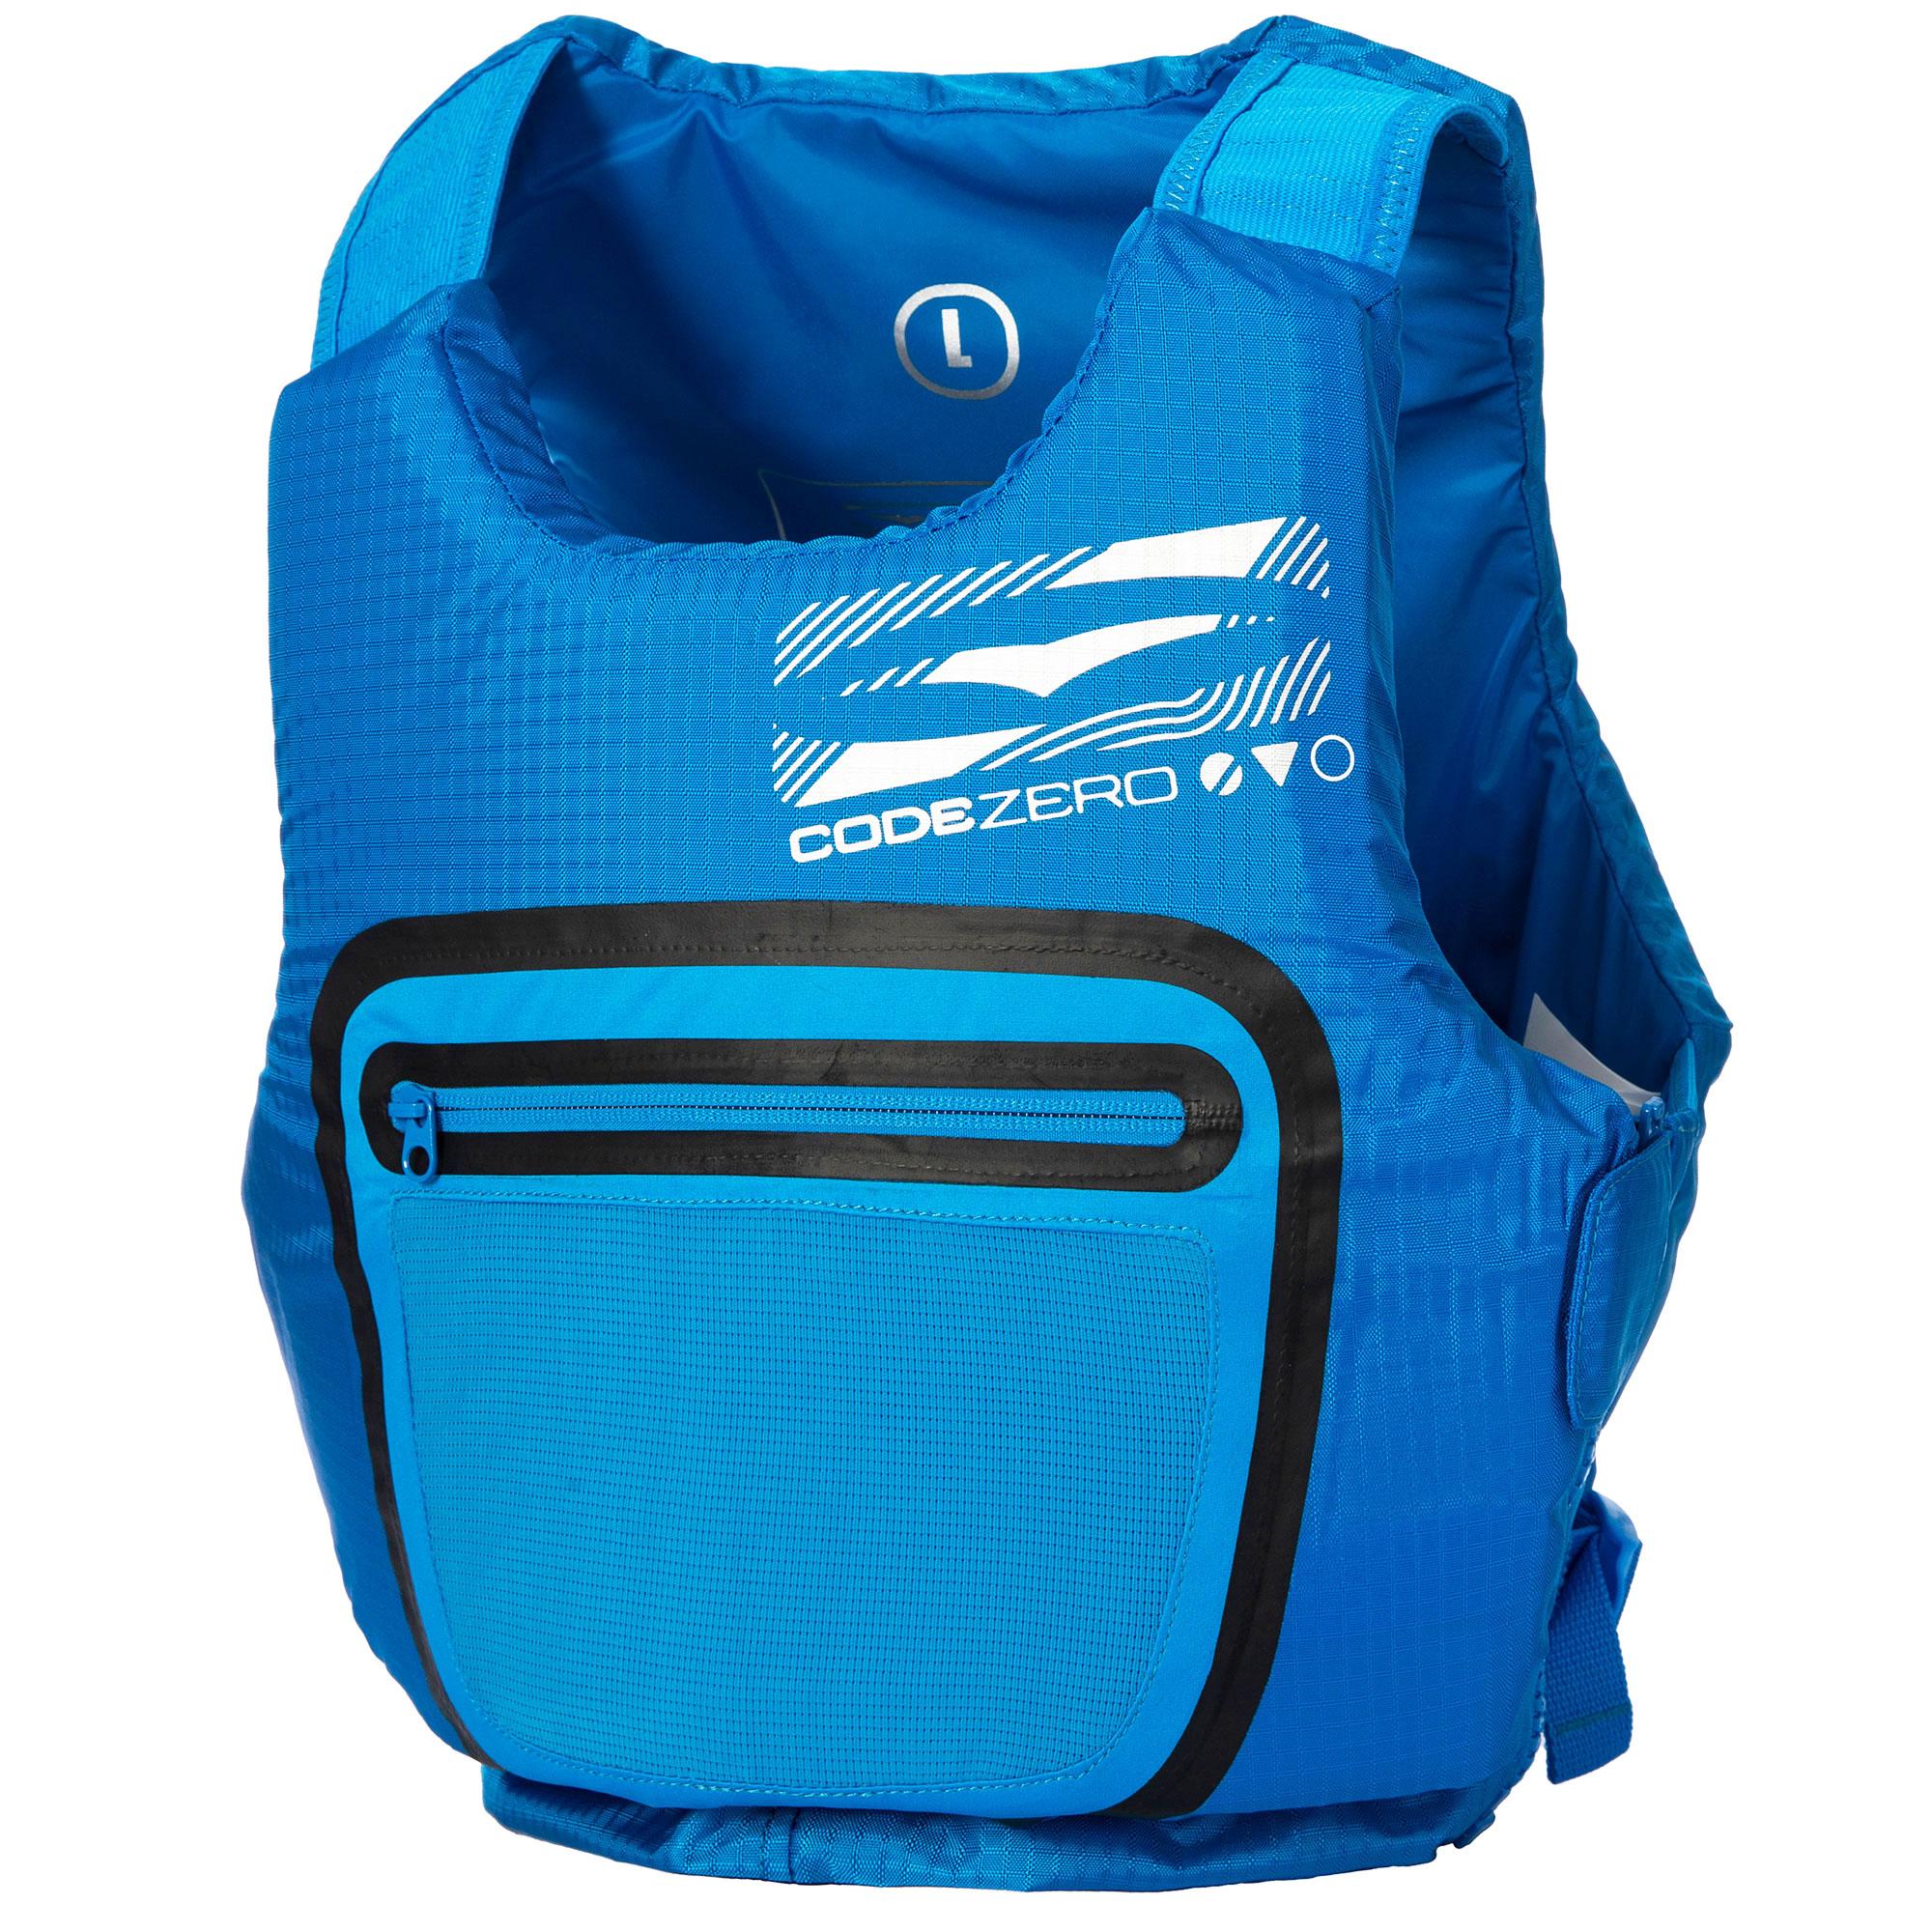 2019 GuL Junior Code Zero Evo 50N Buoyancy Aid GM0379-A9 - Blue